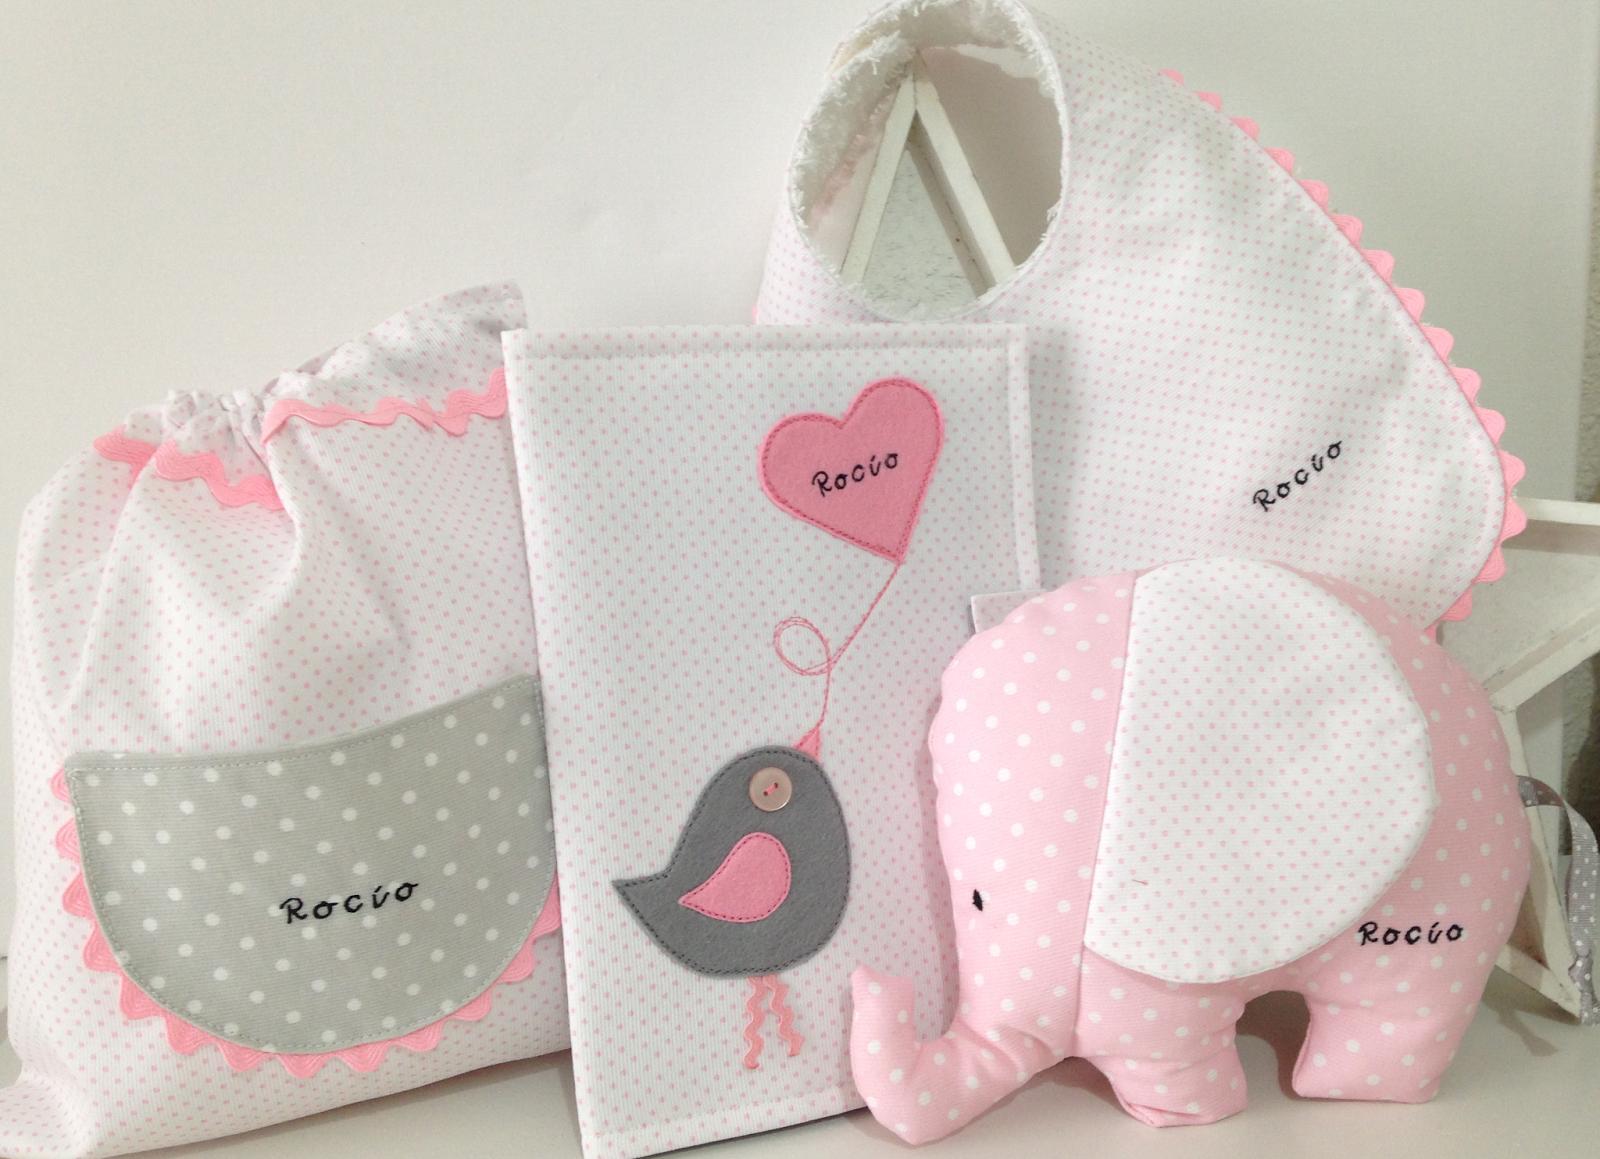 hilos de azcar una cesta para bebe en rosas